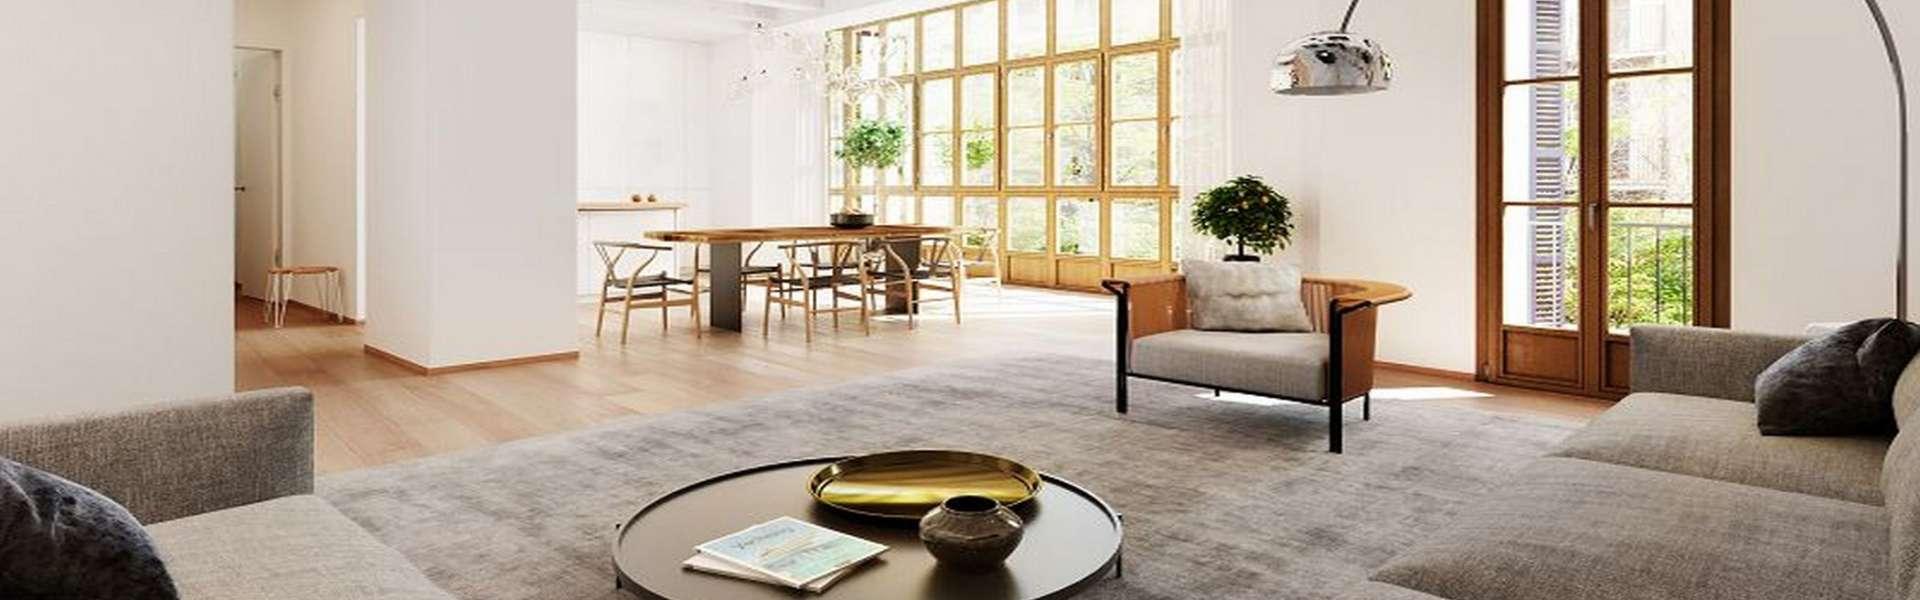 Palma/Altstadt - Großartiges Apartment in zentraler Lage